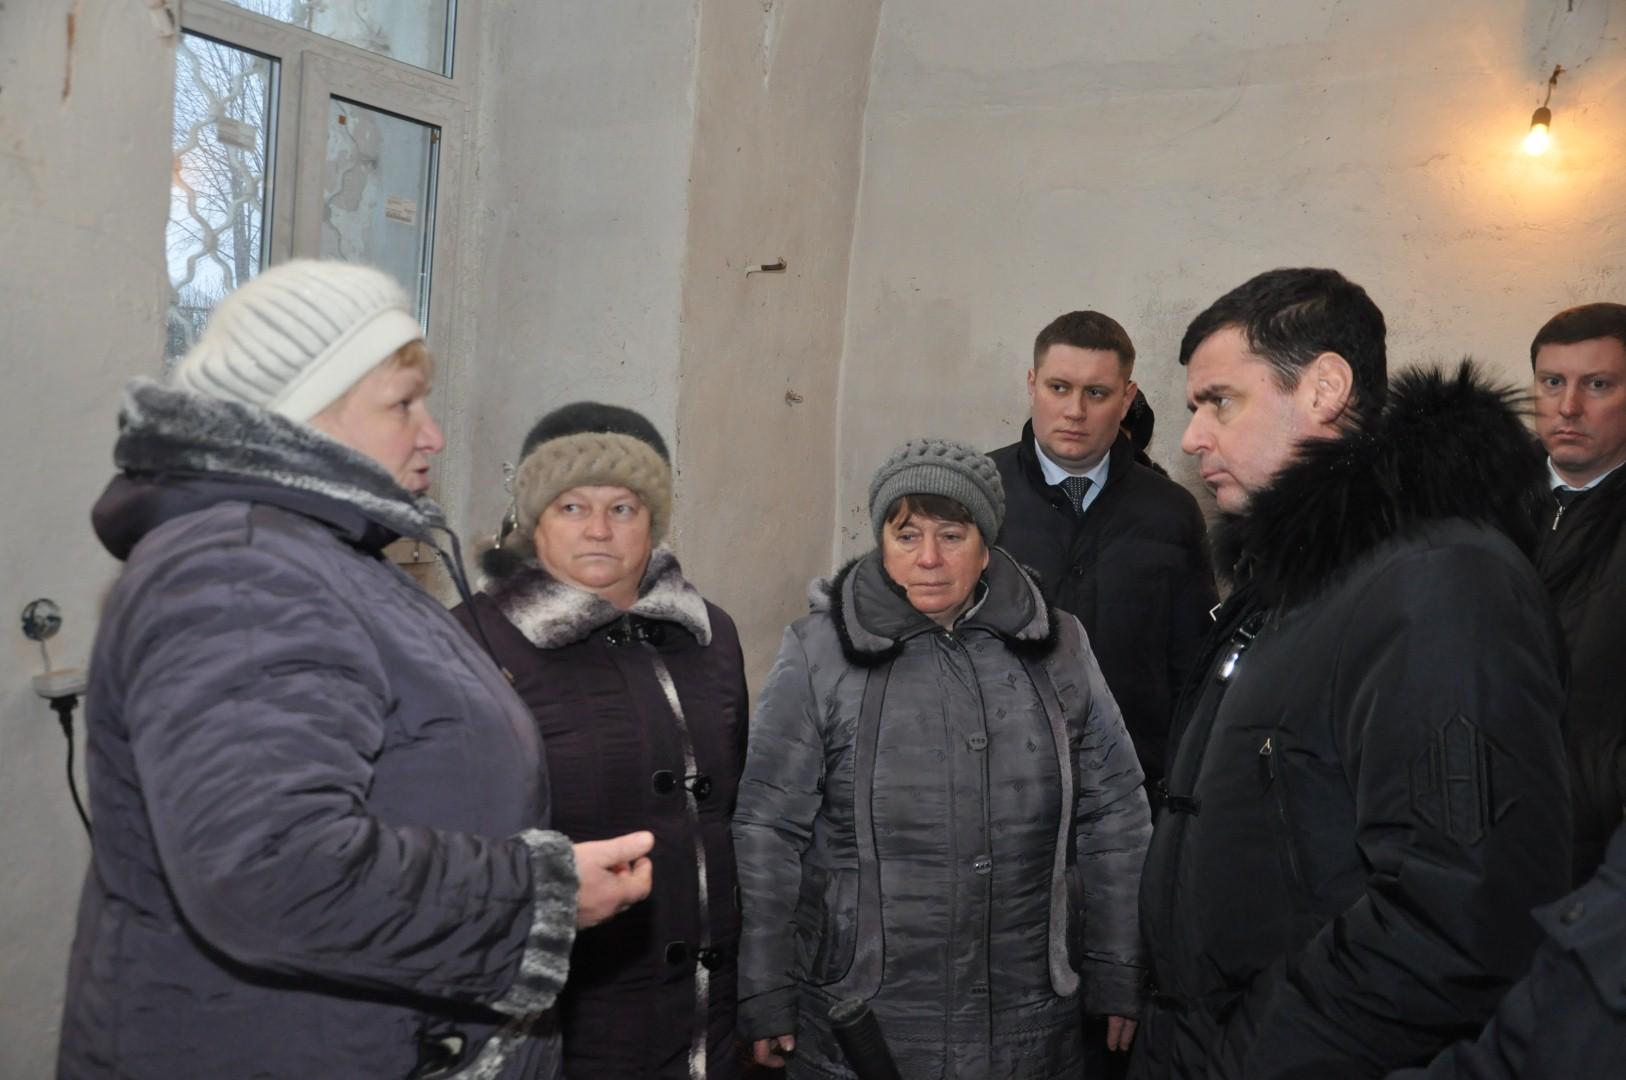 Дмитрий Миронов: «Обеспечение Пошехонского района чистой питьевой водой – общая задача региональных и местных властей»